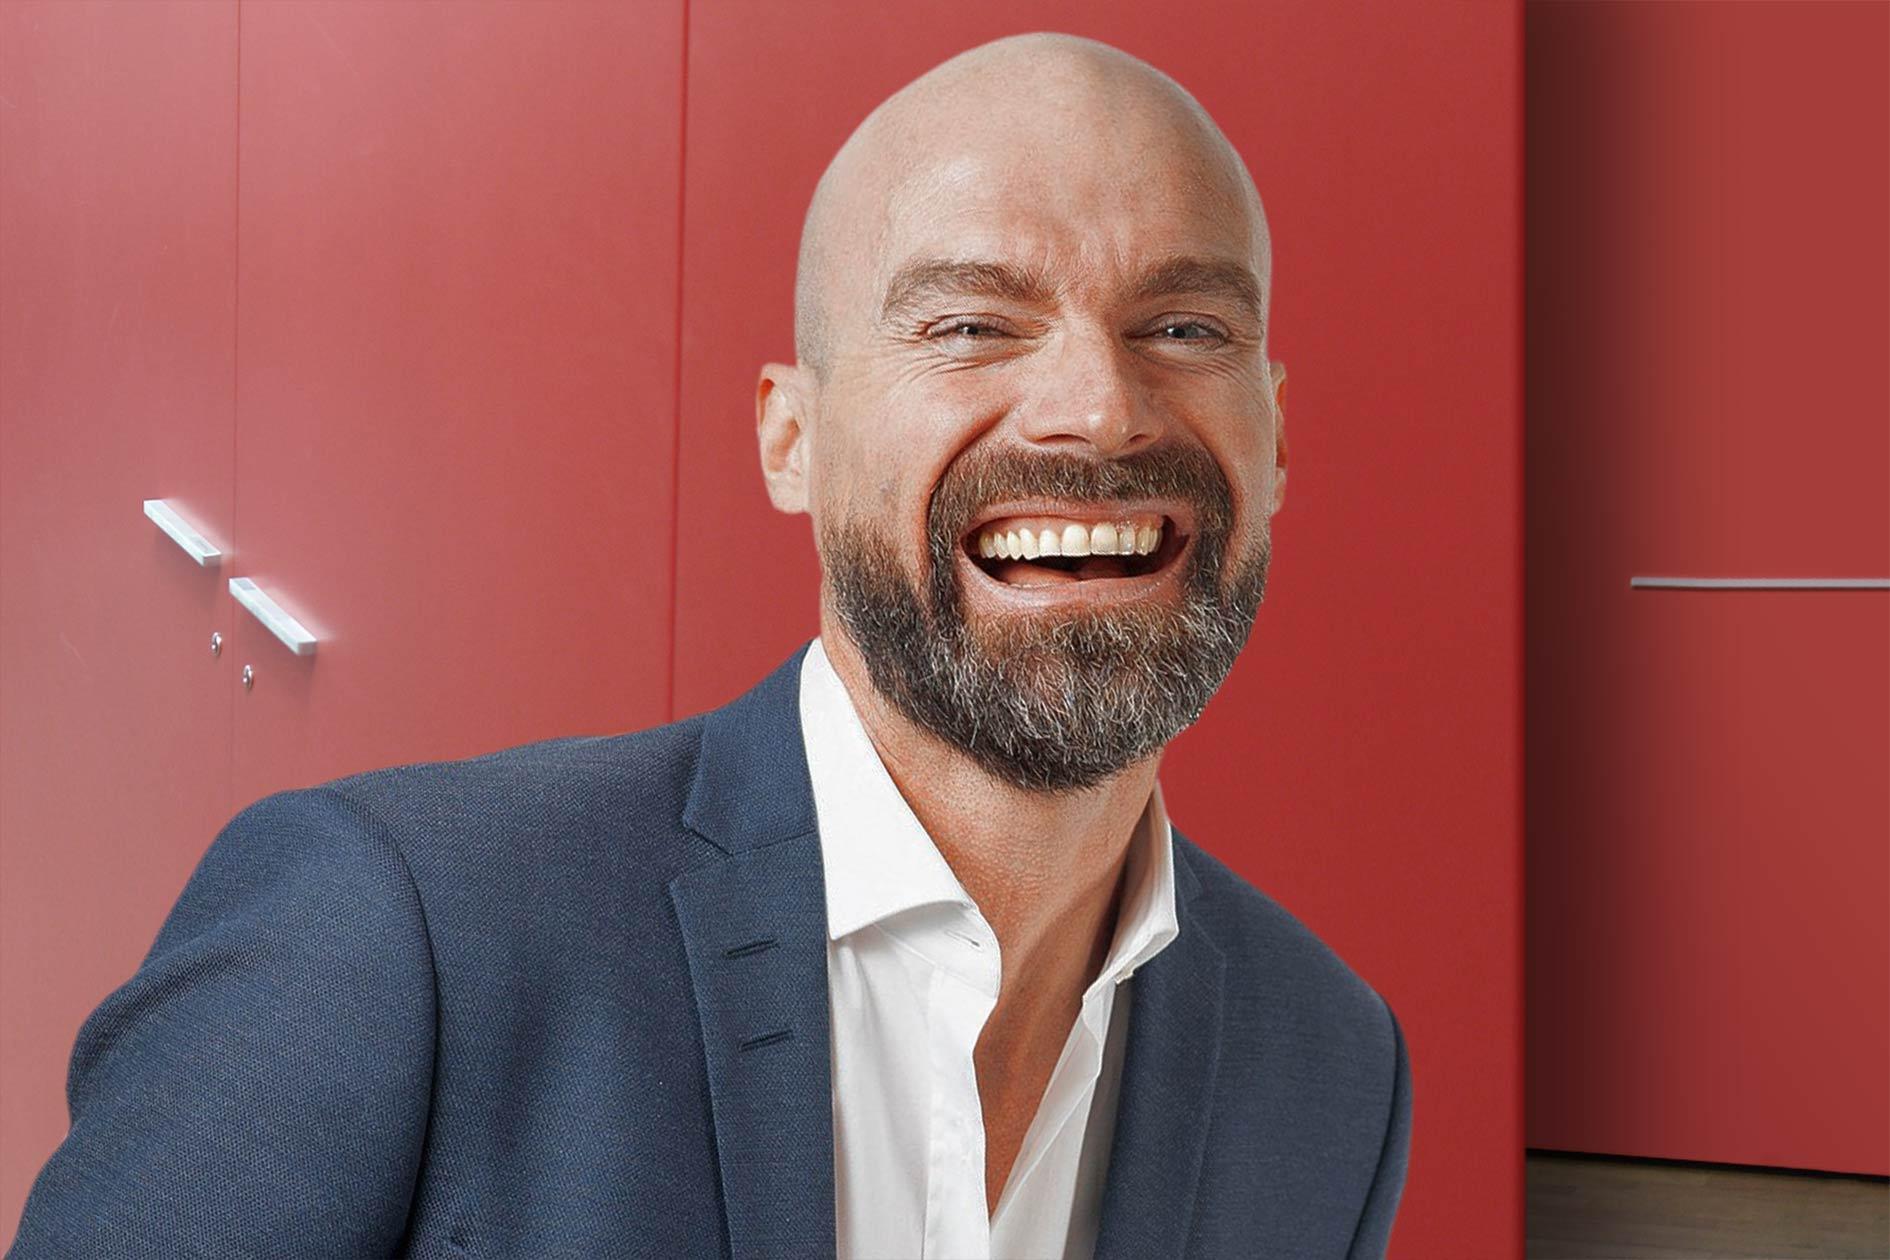 Seminare Führung Management Mann Anzug lachen Blick Büro rot / Grafik: TELOS - 2812bw